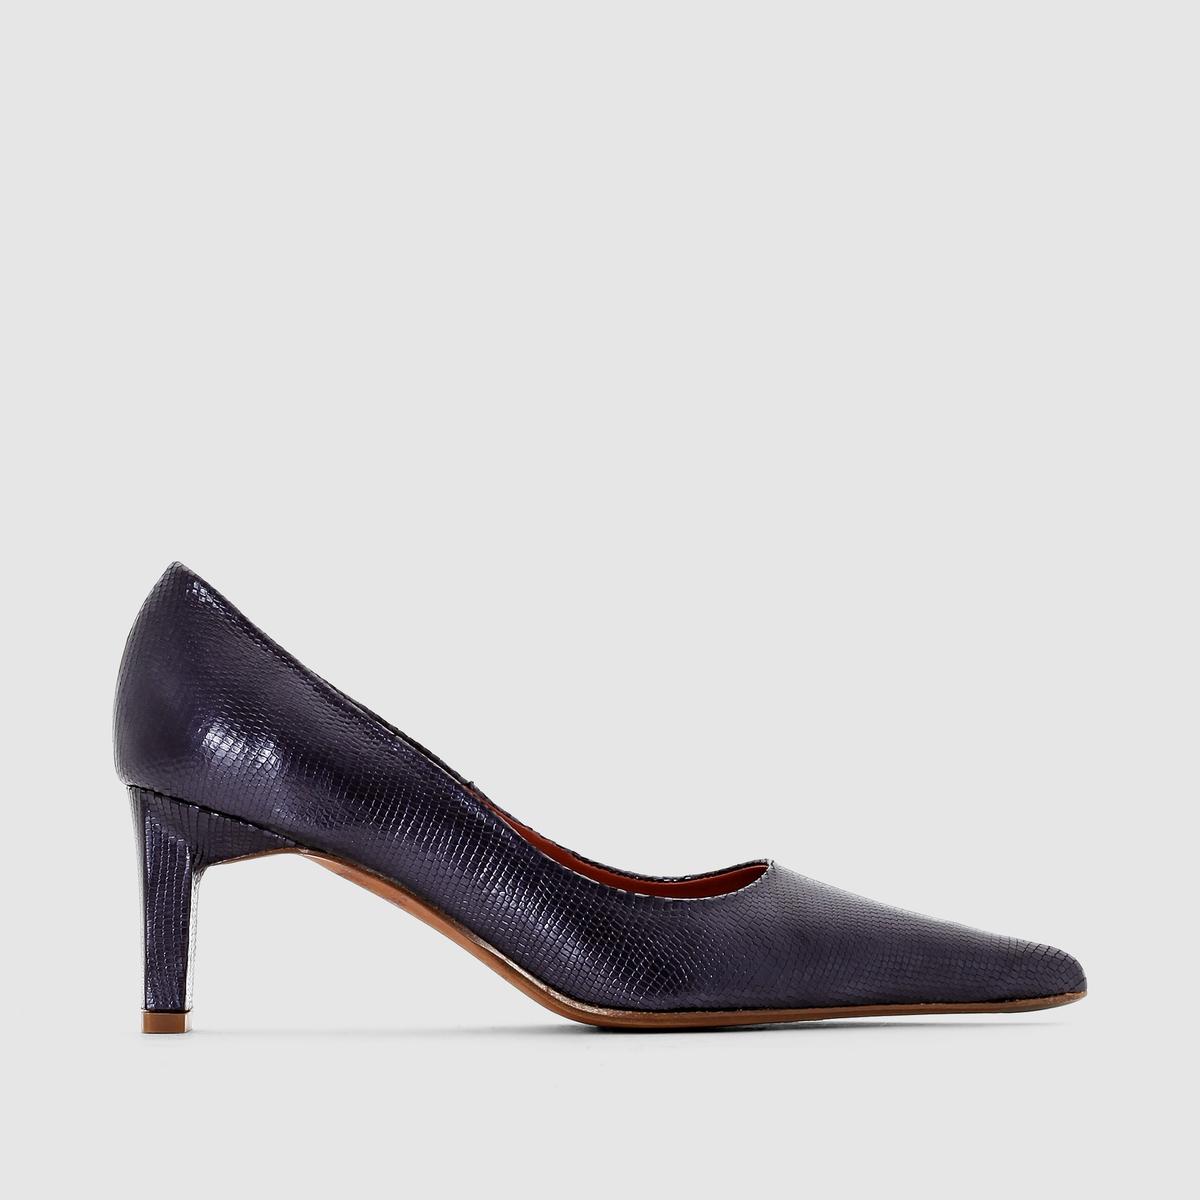 Туфли-лодочки из кожи KENT - ELIZABETH STUART цены онлайн